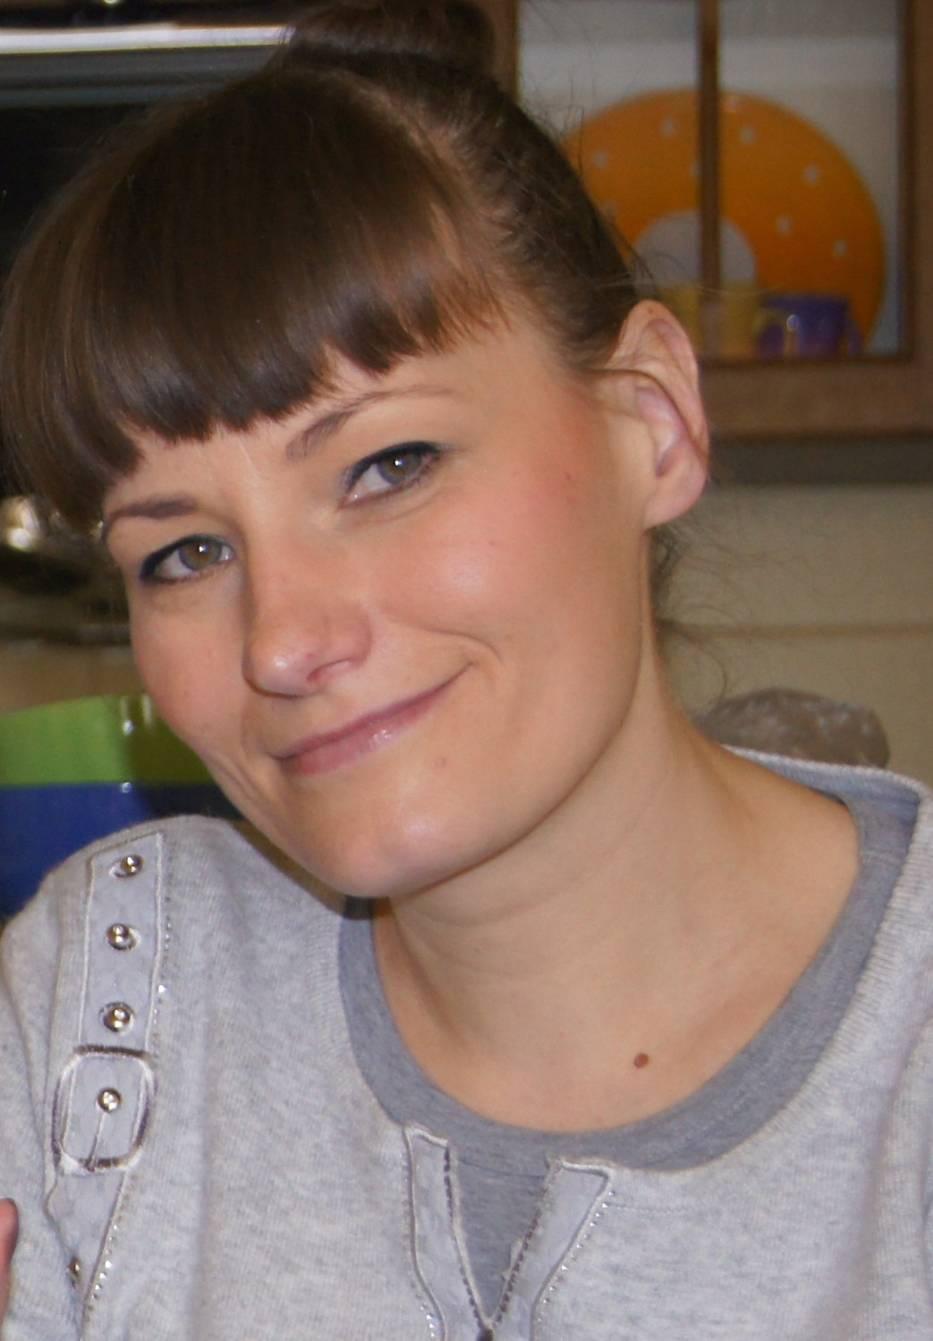 Justyna Wiązowska potrzebuje wsparcia w kosztownym leczeniu